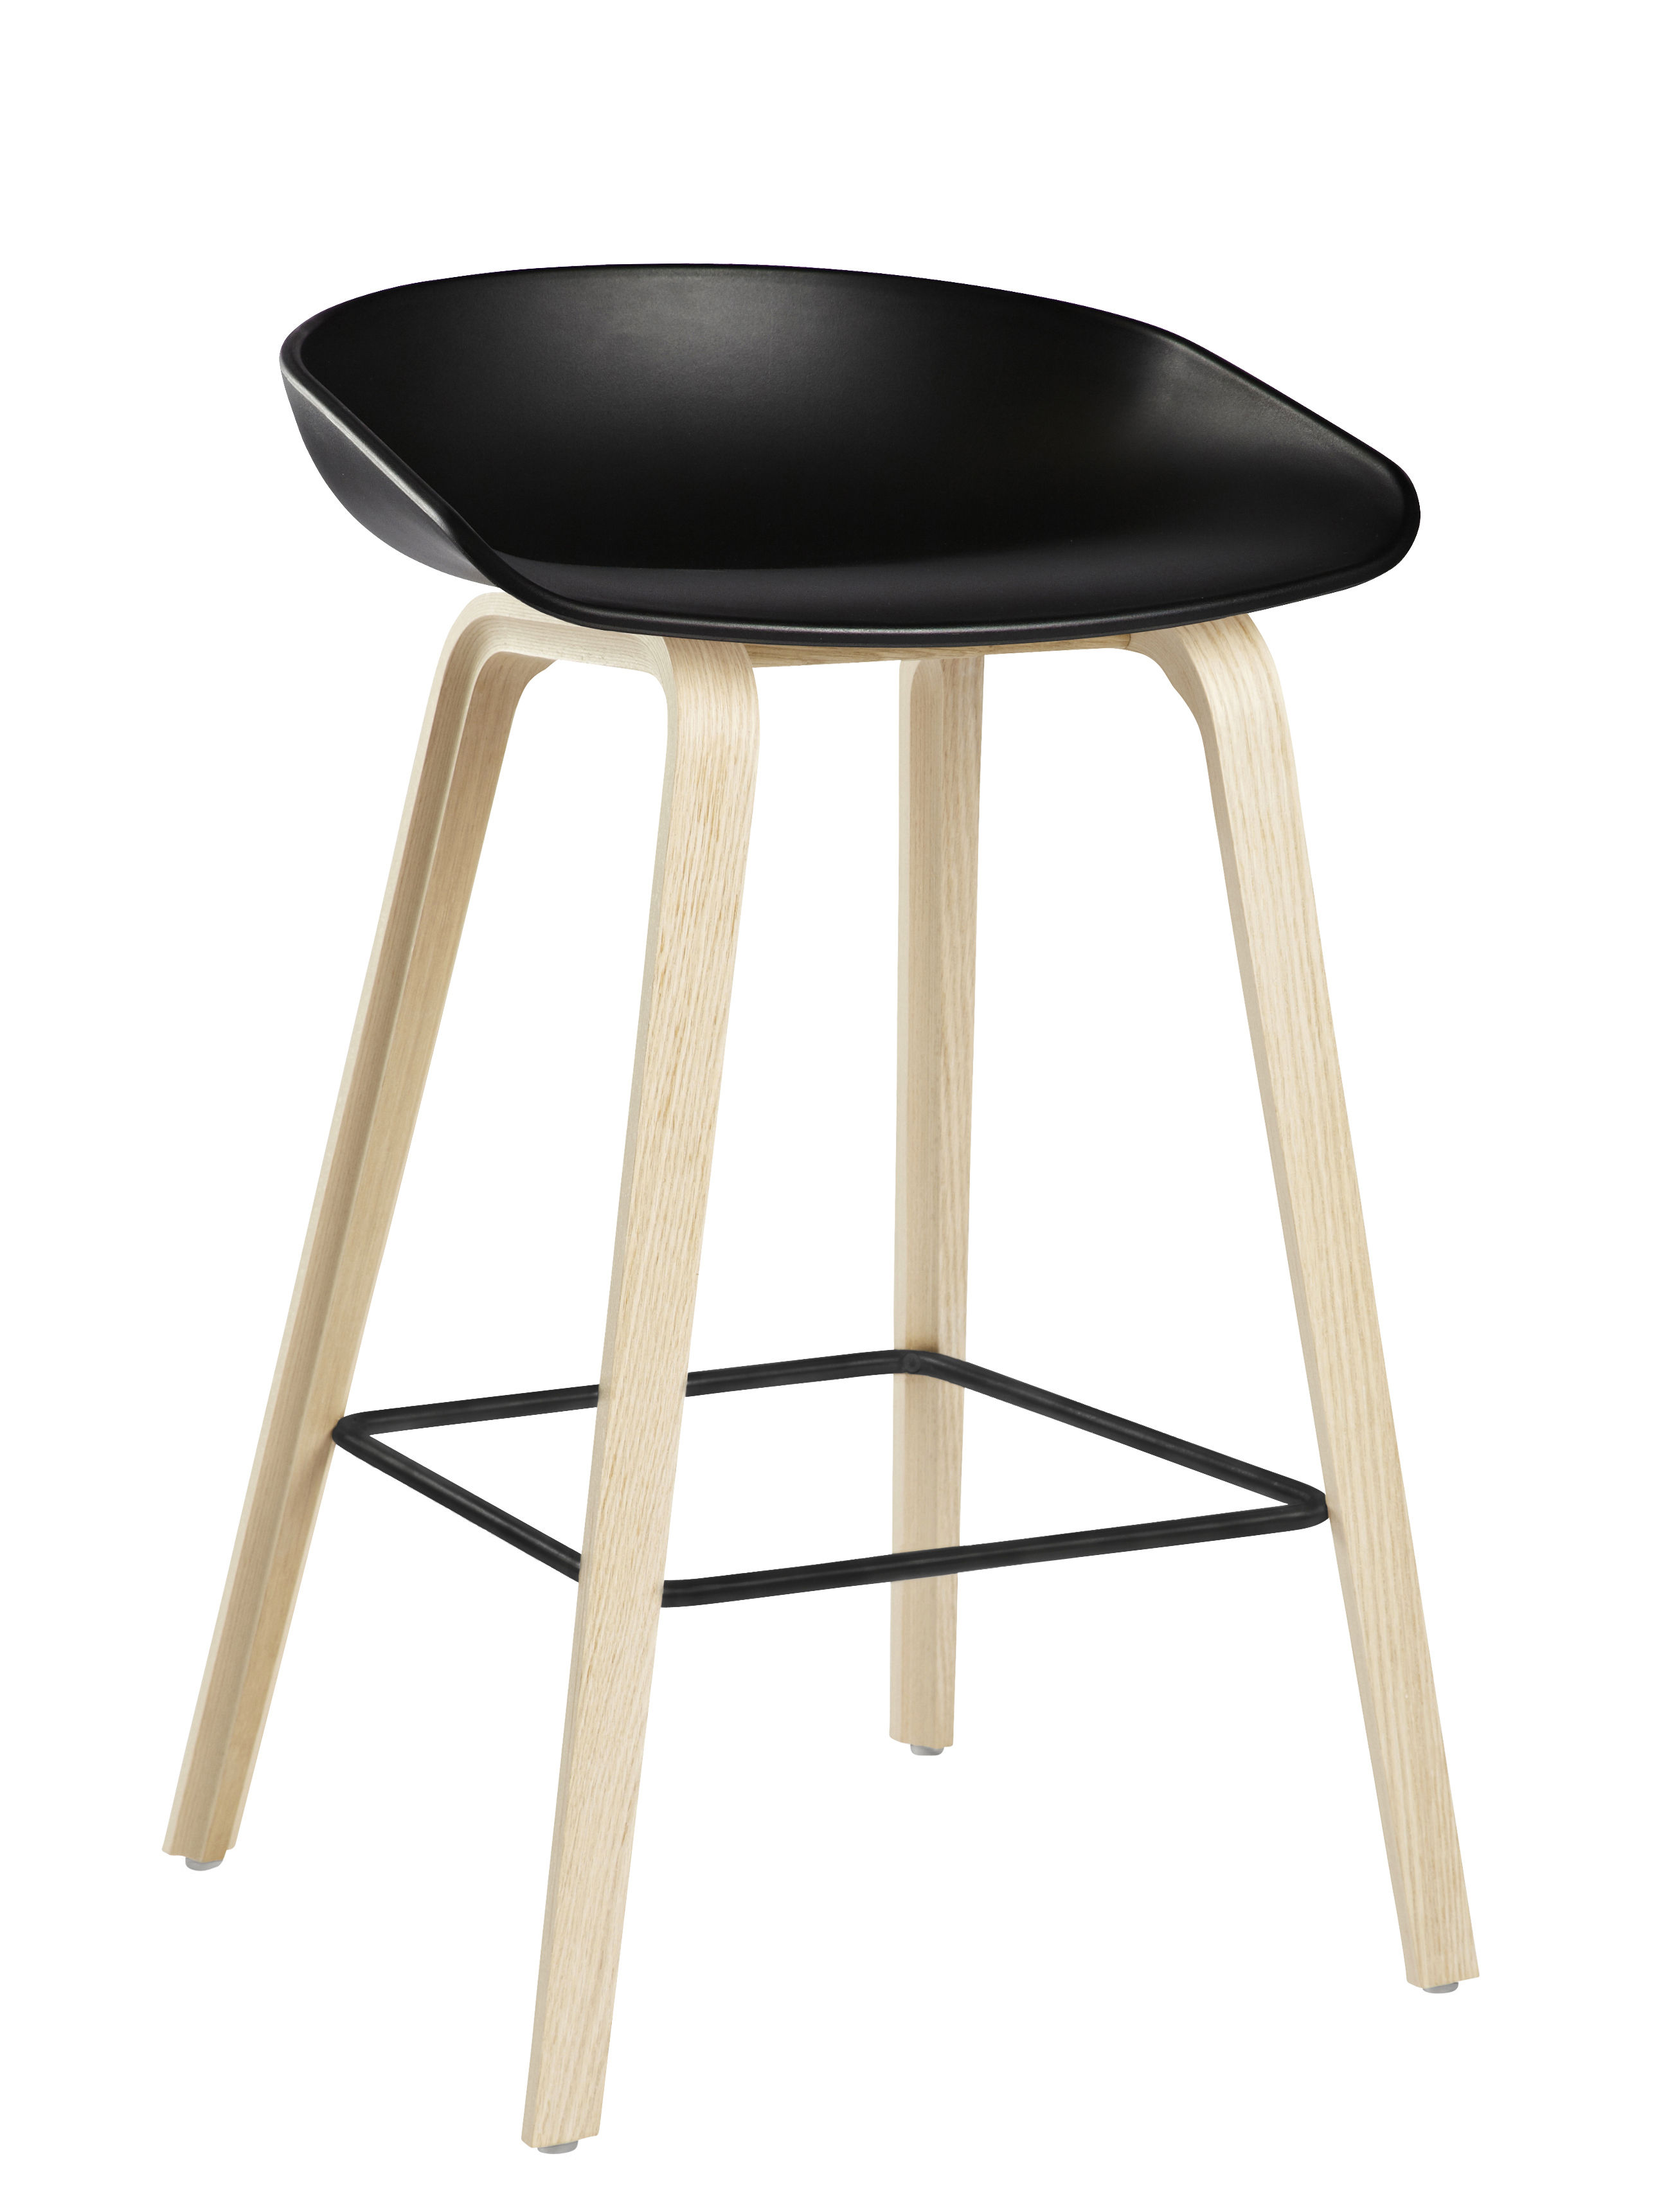 tabouret de bar about a stool aas 32 h 65 cm plastique pieds bois noir pieds bois. Black Bedroom Furniture Sets. Home Design Ideas